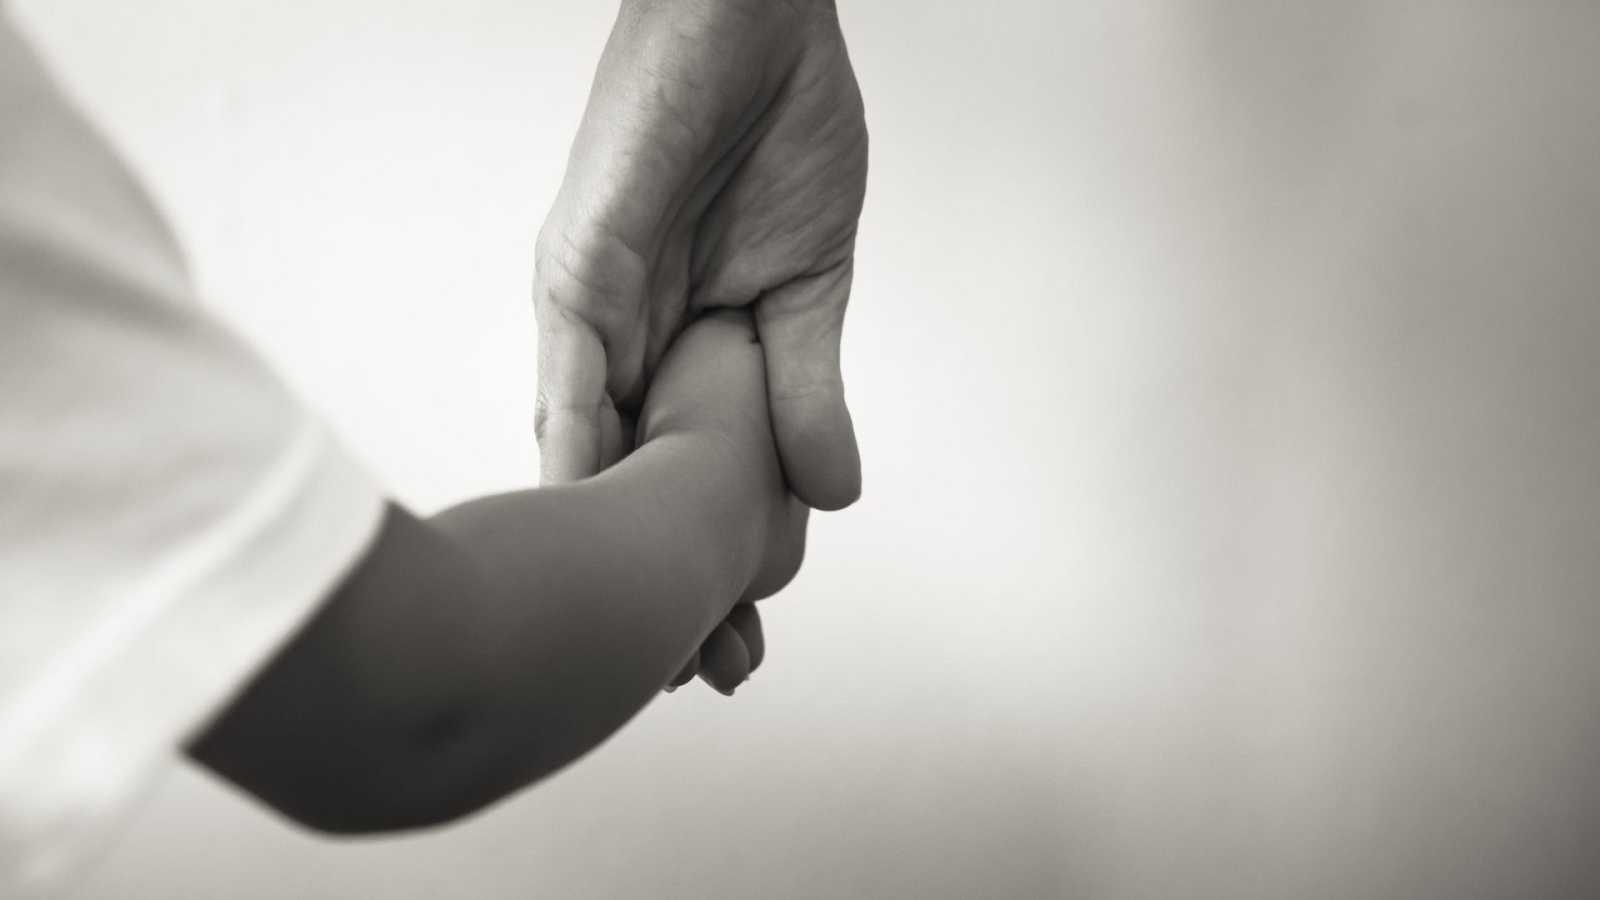 Países Bajos suspende temporalmente las adopciones internacionales de niños por irregularidades